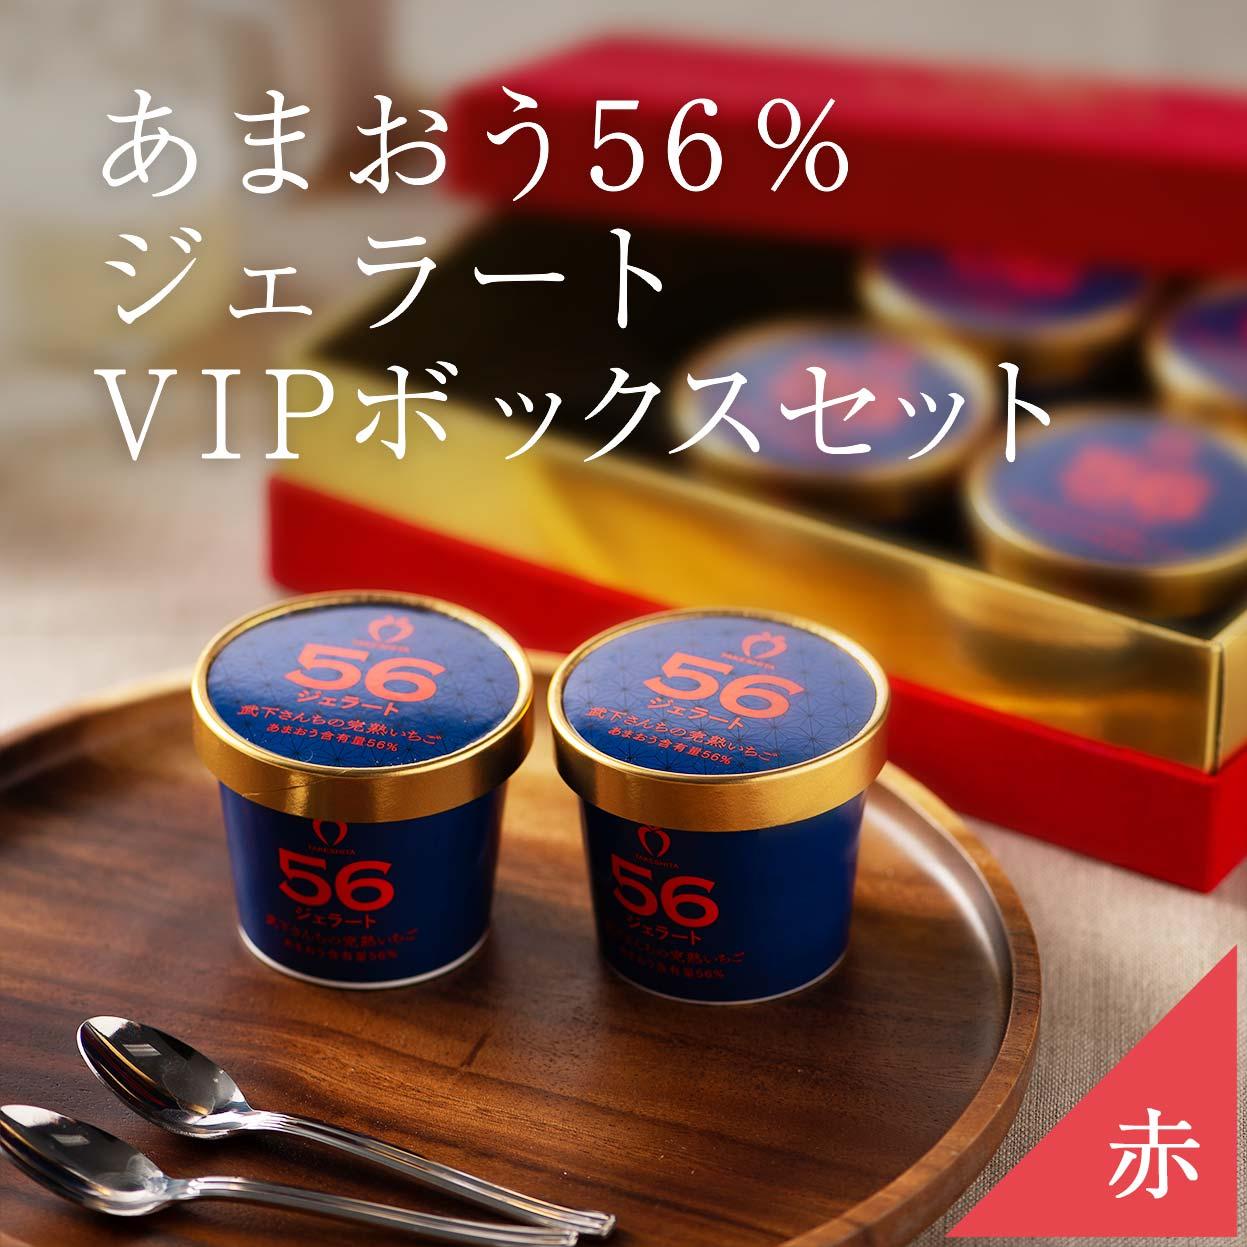 VIPボックス赤 あまおう50%ミルクジェラートセット(6カップ)